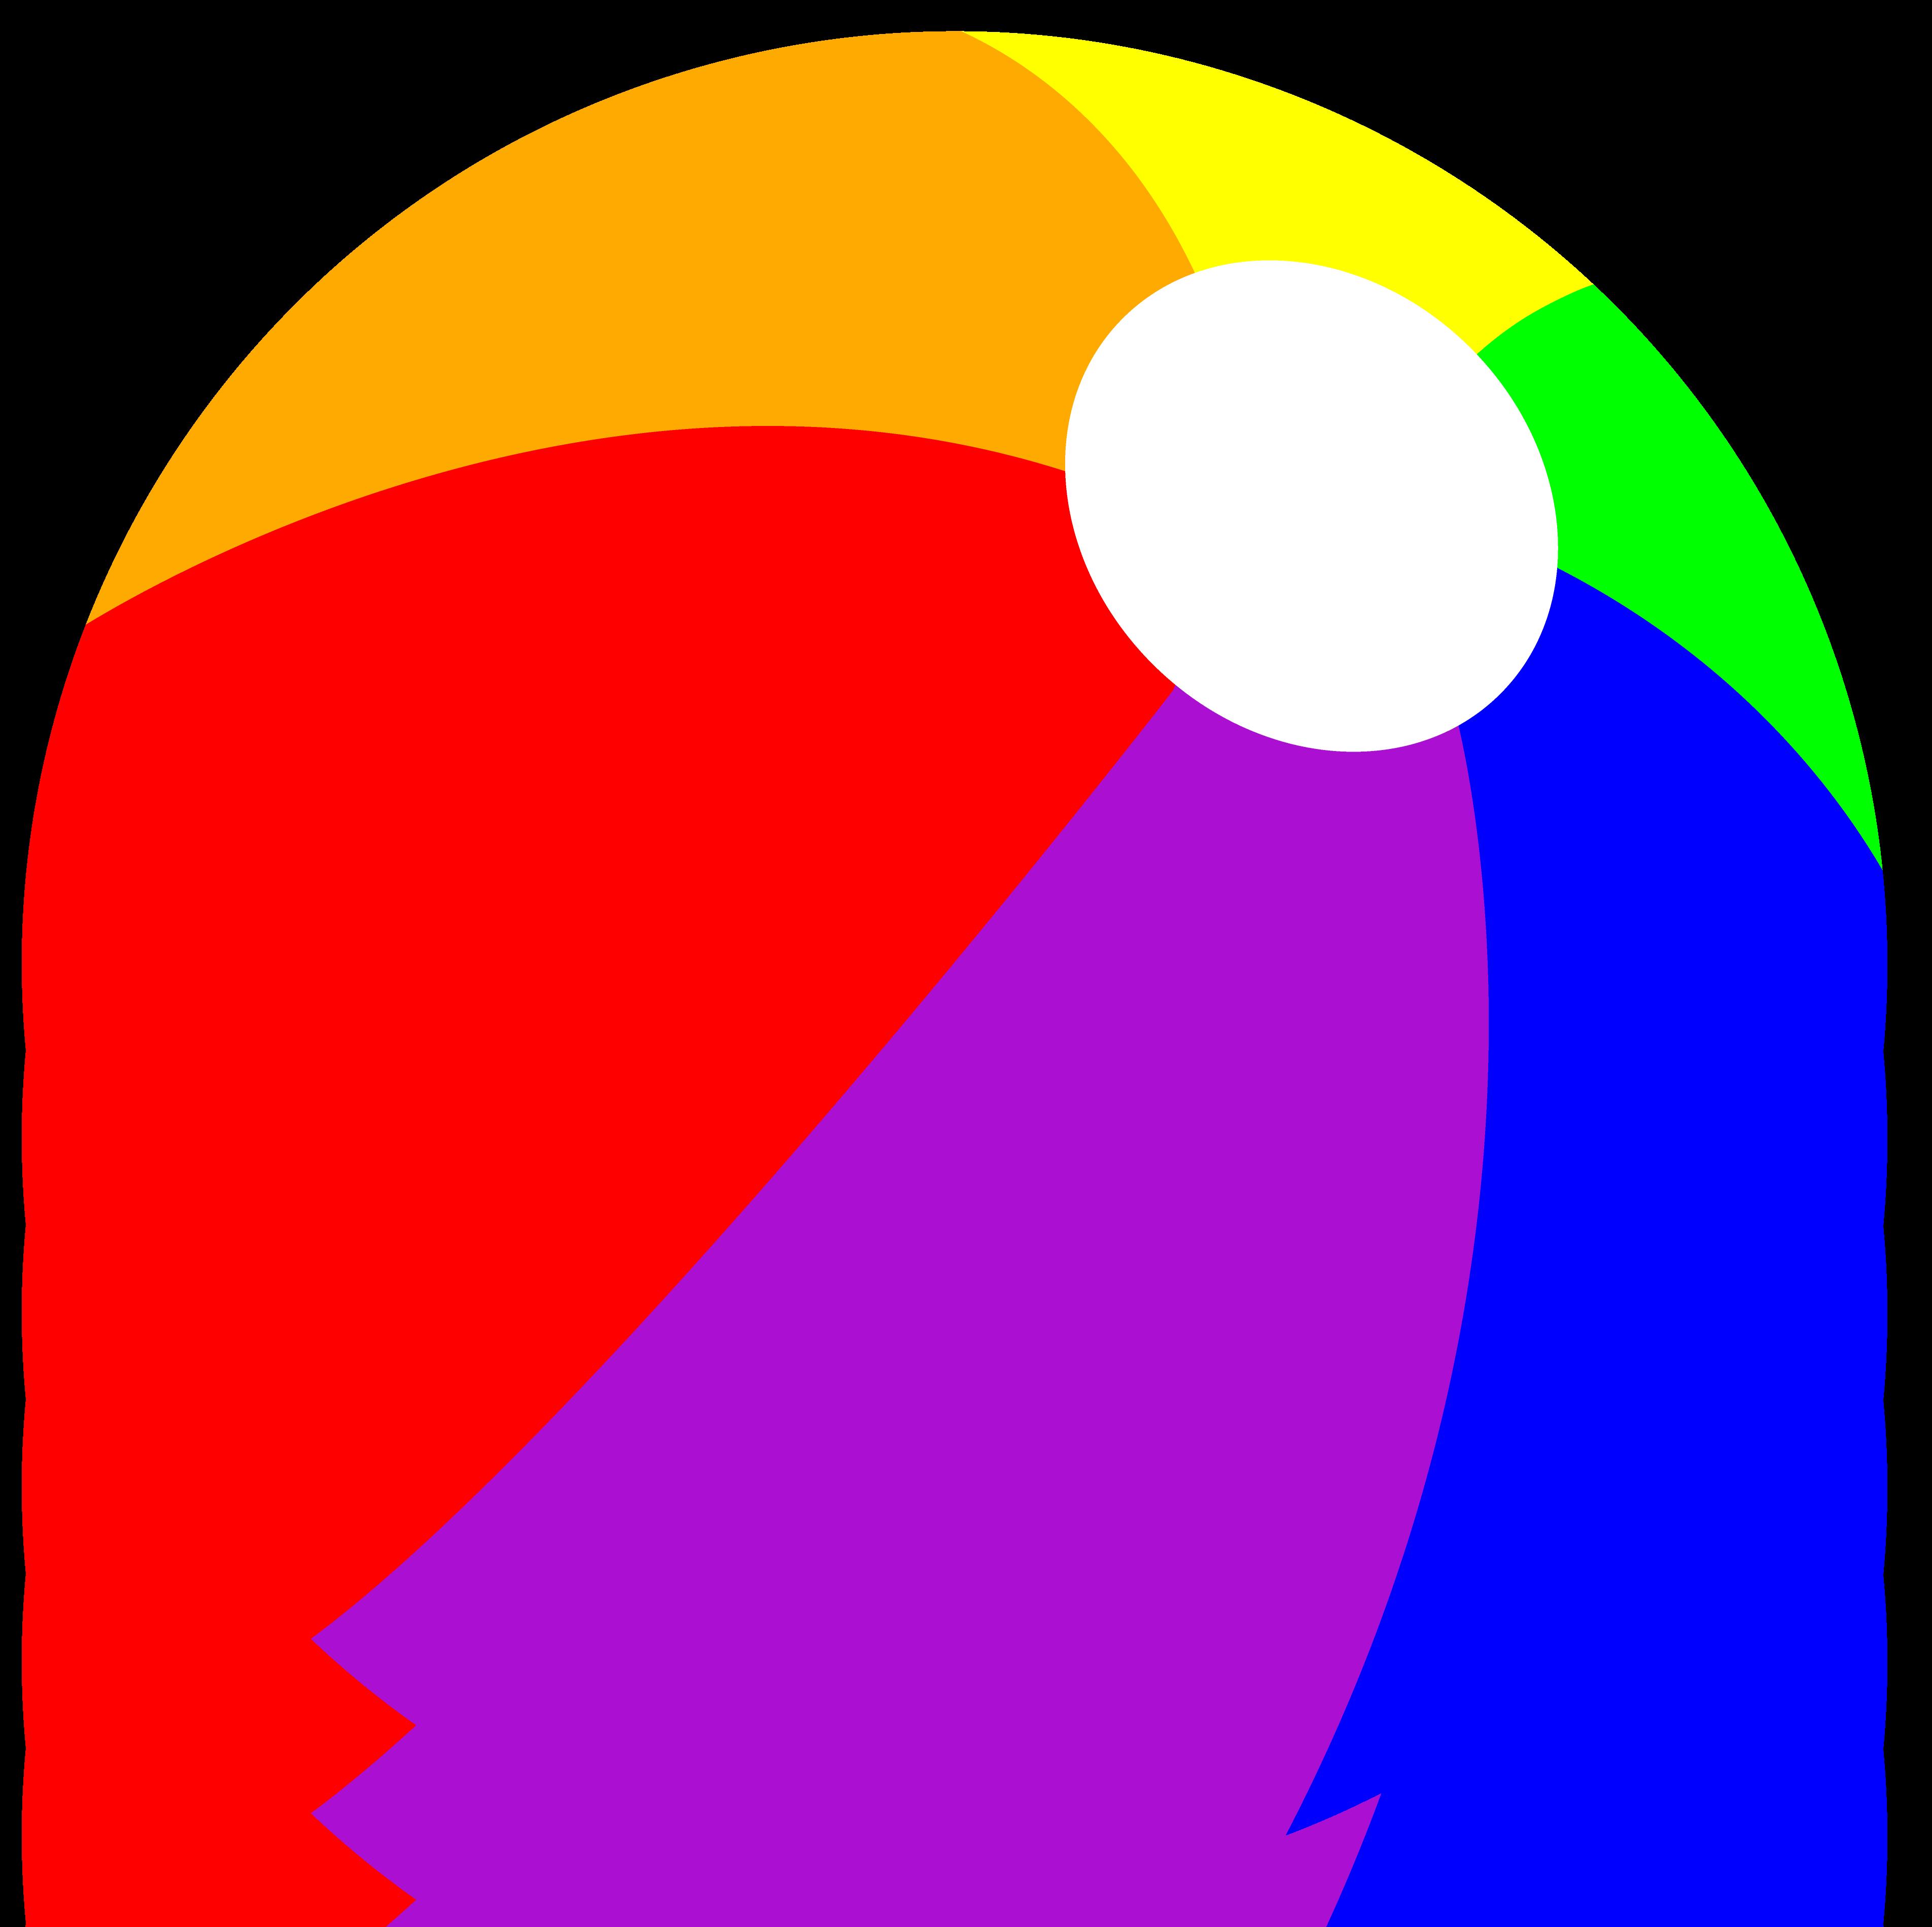 Clip Art Ball-Clip Art Ball-10